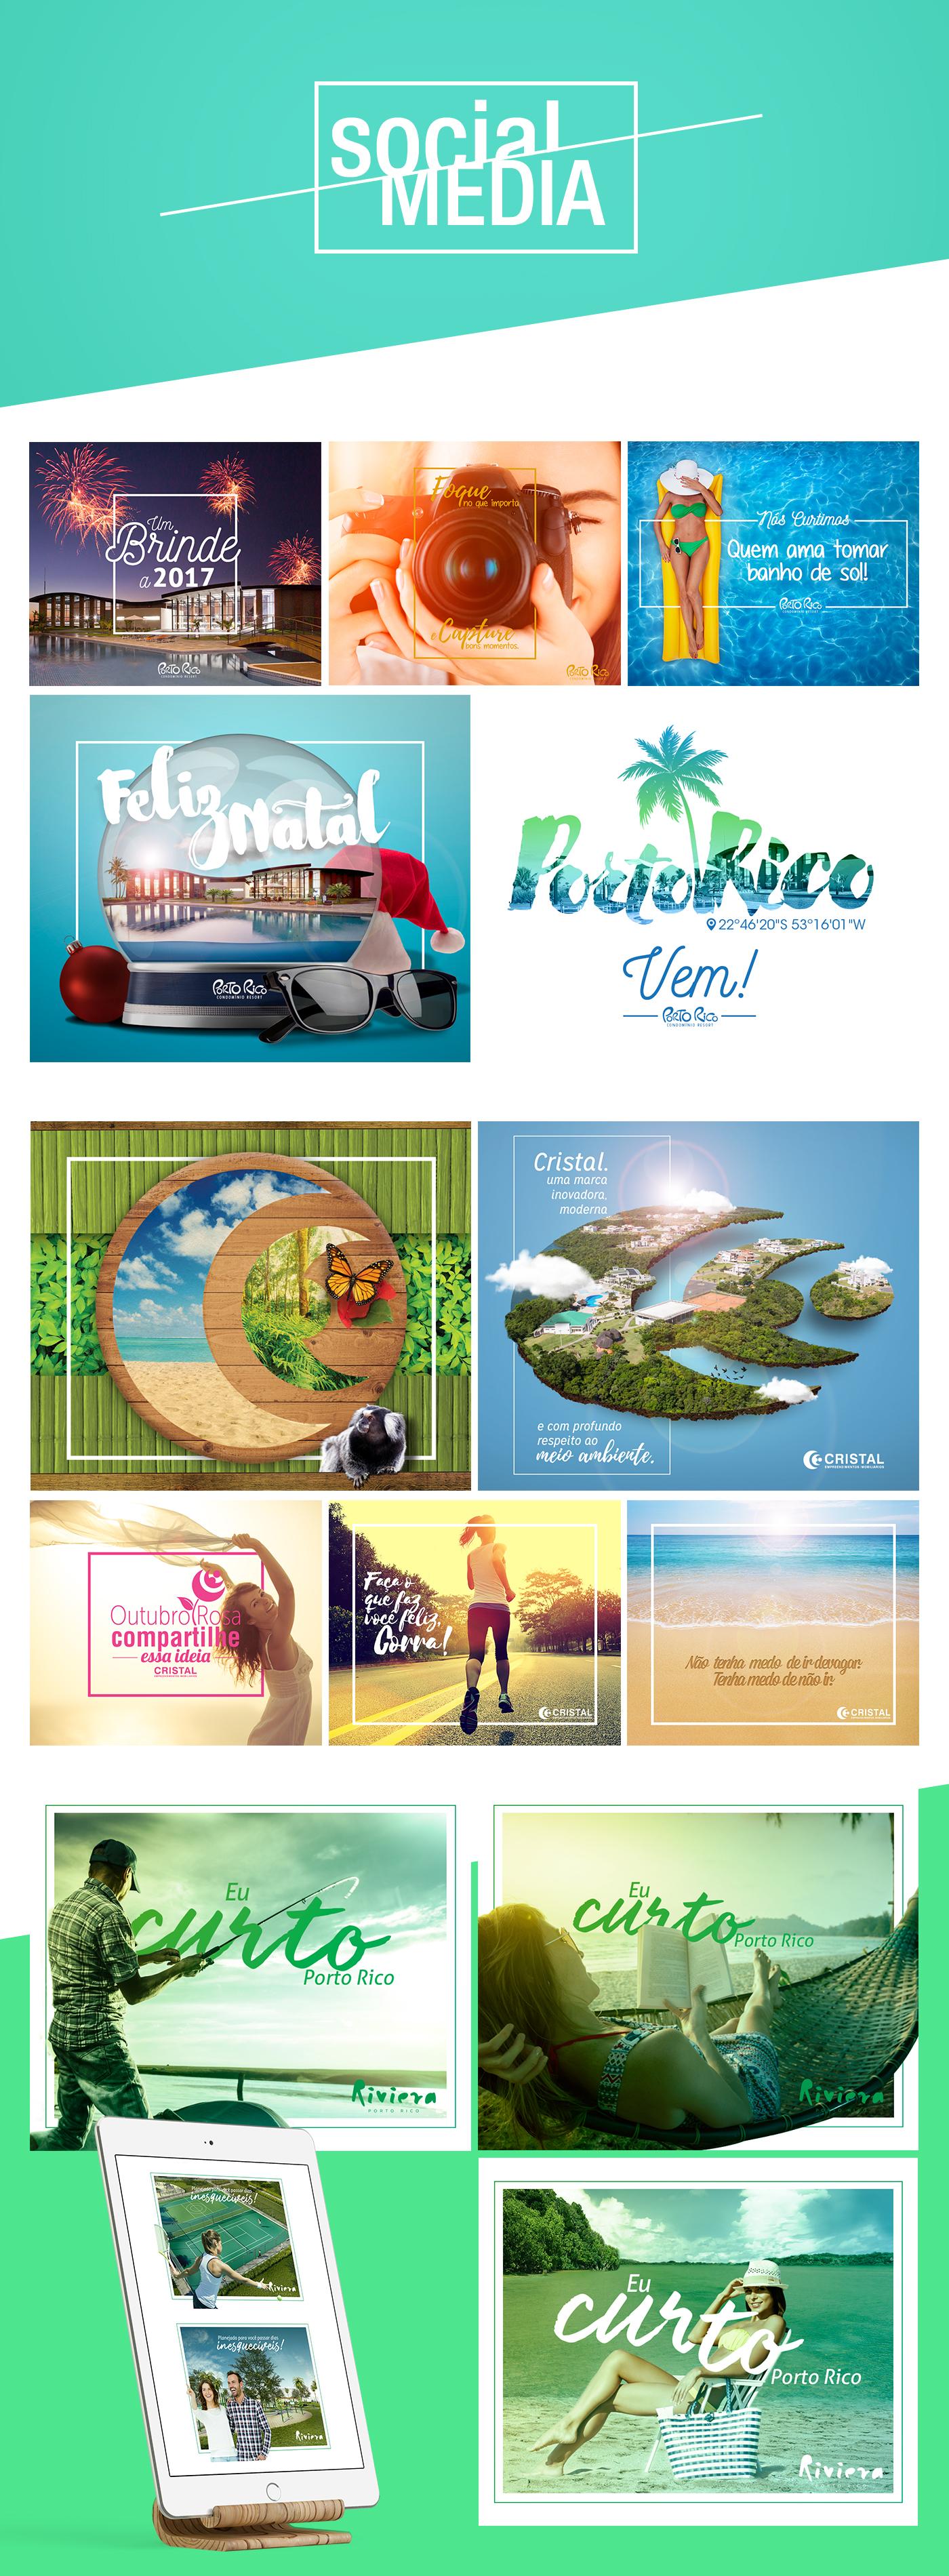 social media facebook Web publicidade design photoshop mídias sociais Mboitatá